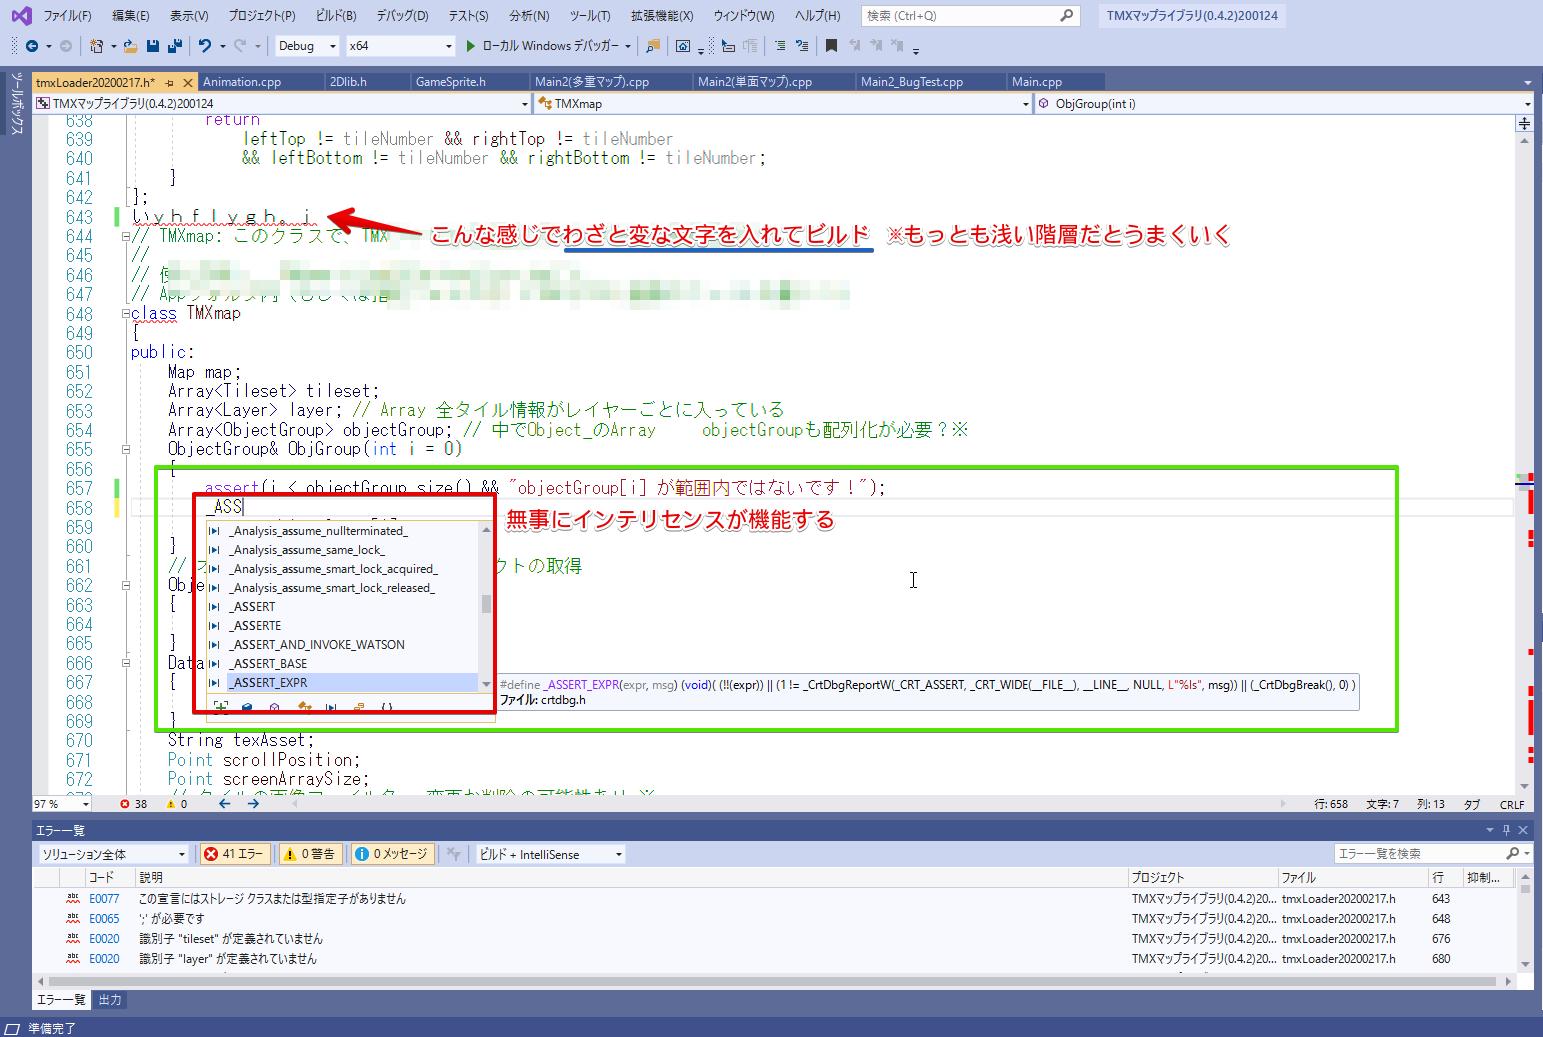 インテリセンスを直す- Microsoft Visual Studio 2020-02-21 10.51.10.png